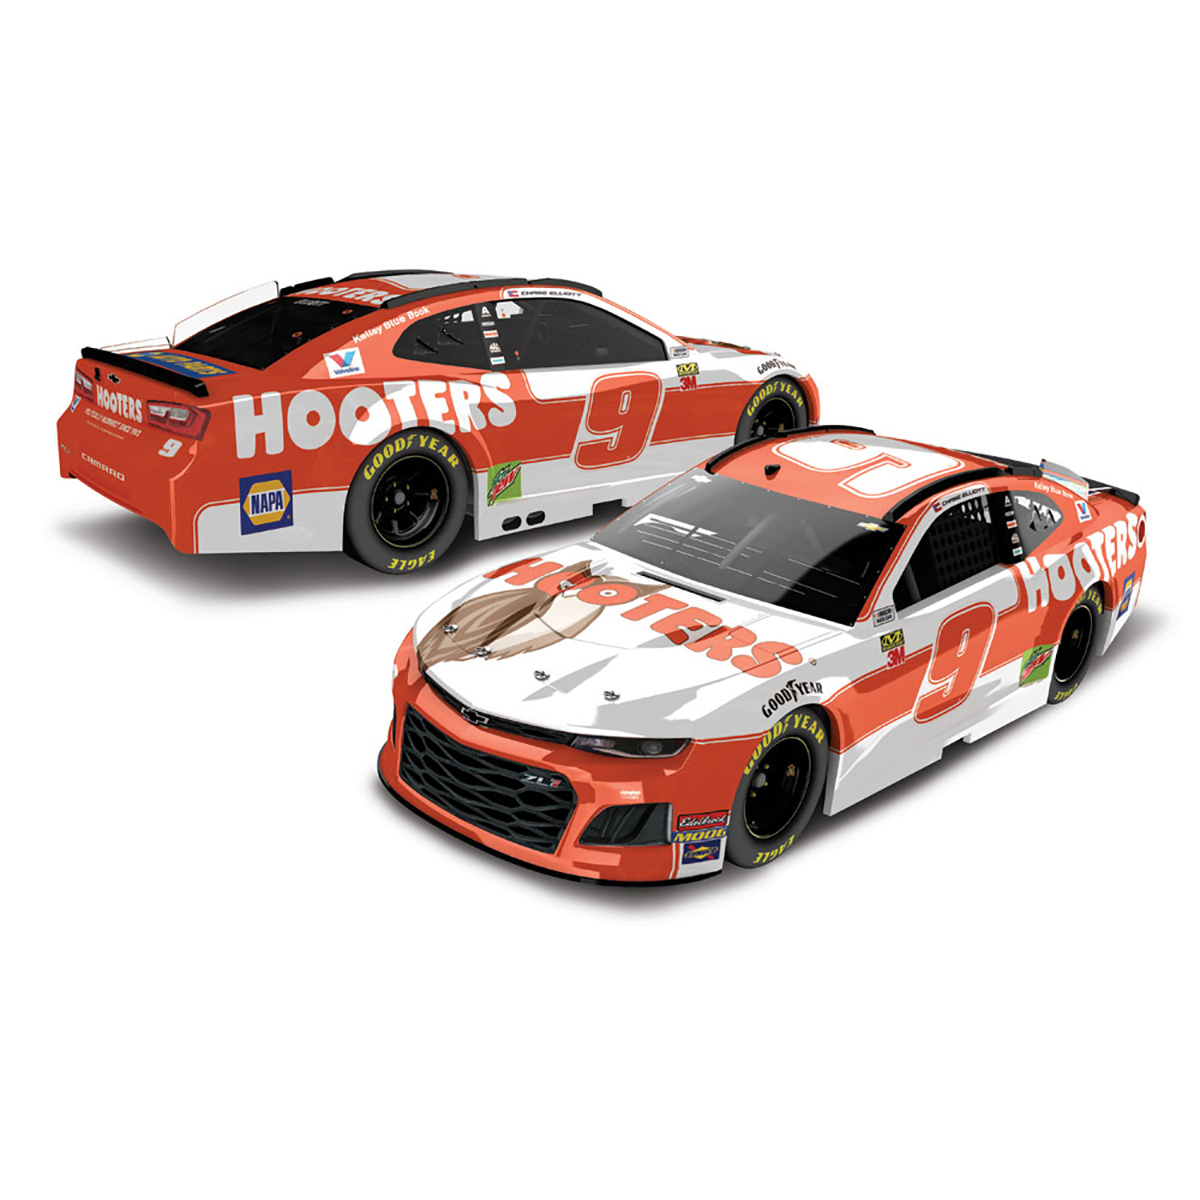 Chase Elliott #9 2019 NASCAR Hooters 1:64 - Die Cast